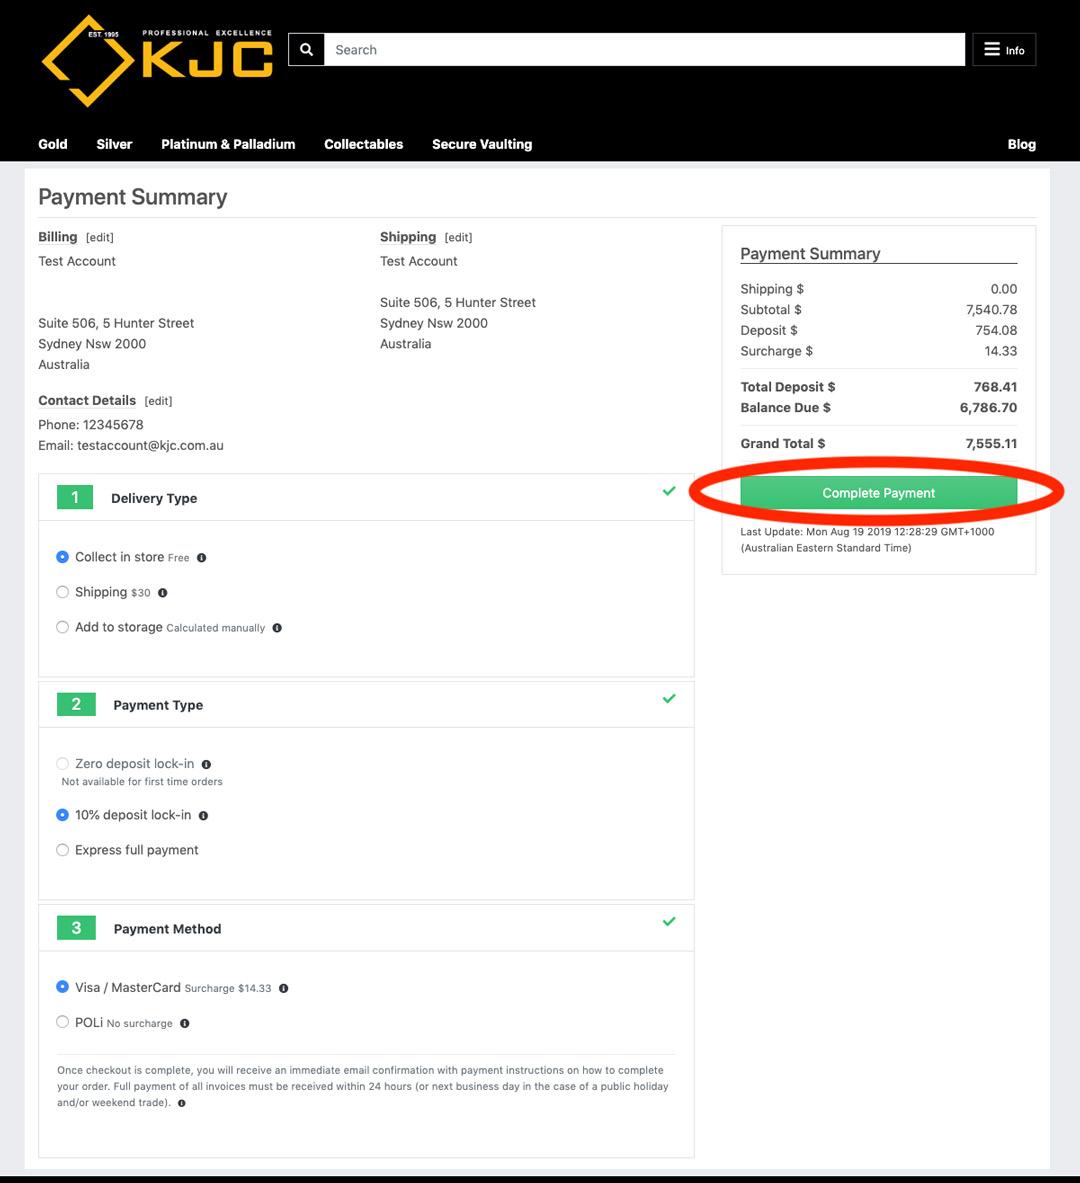 How to Buy Bullion Online - KJC Coins Australia